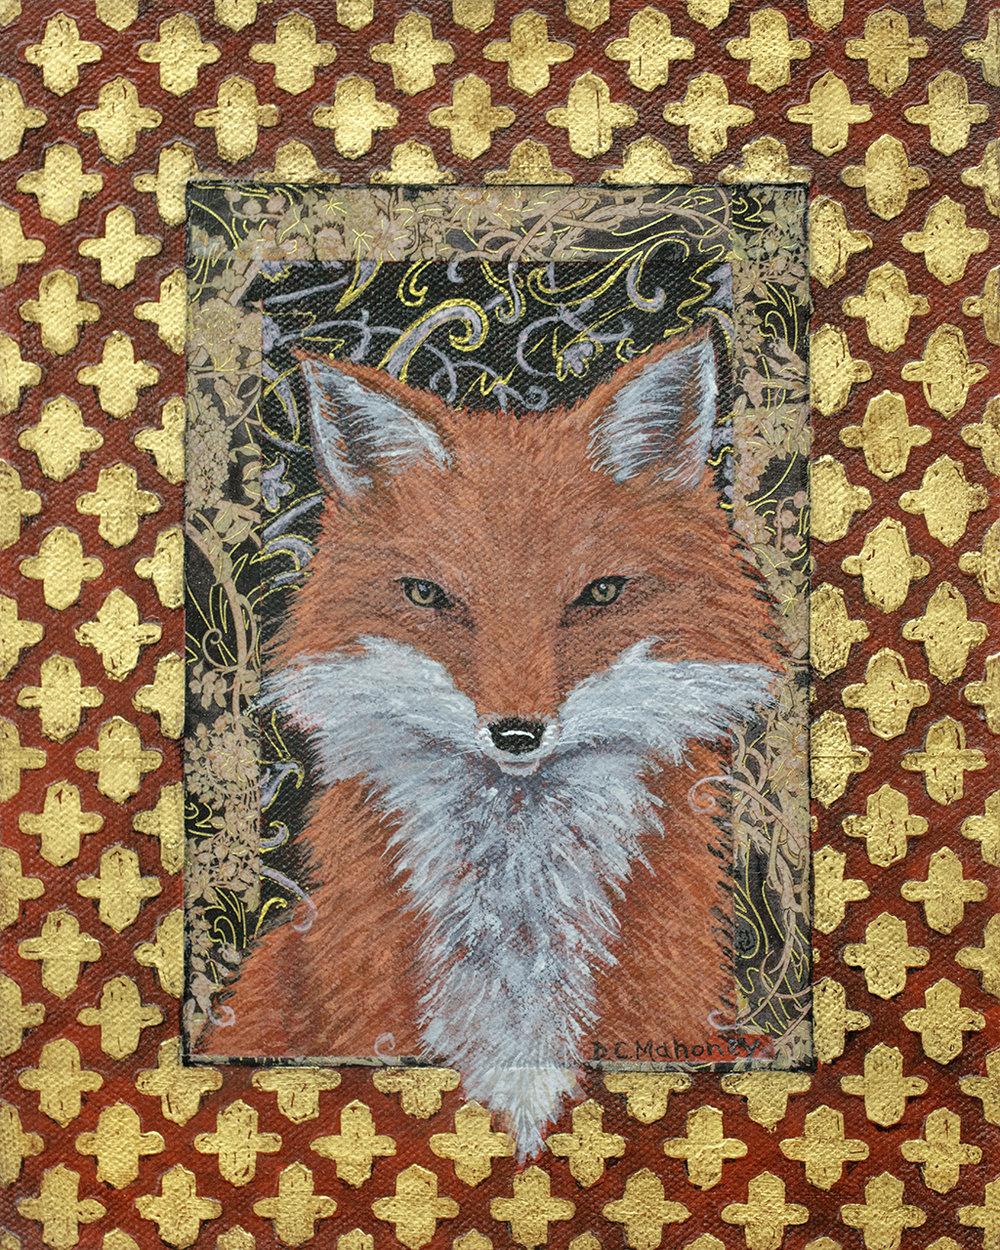 Illuminated Fox